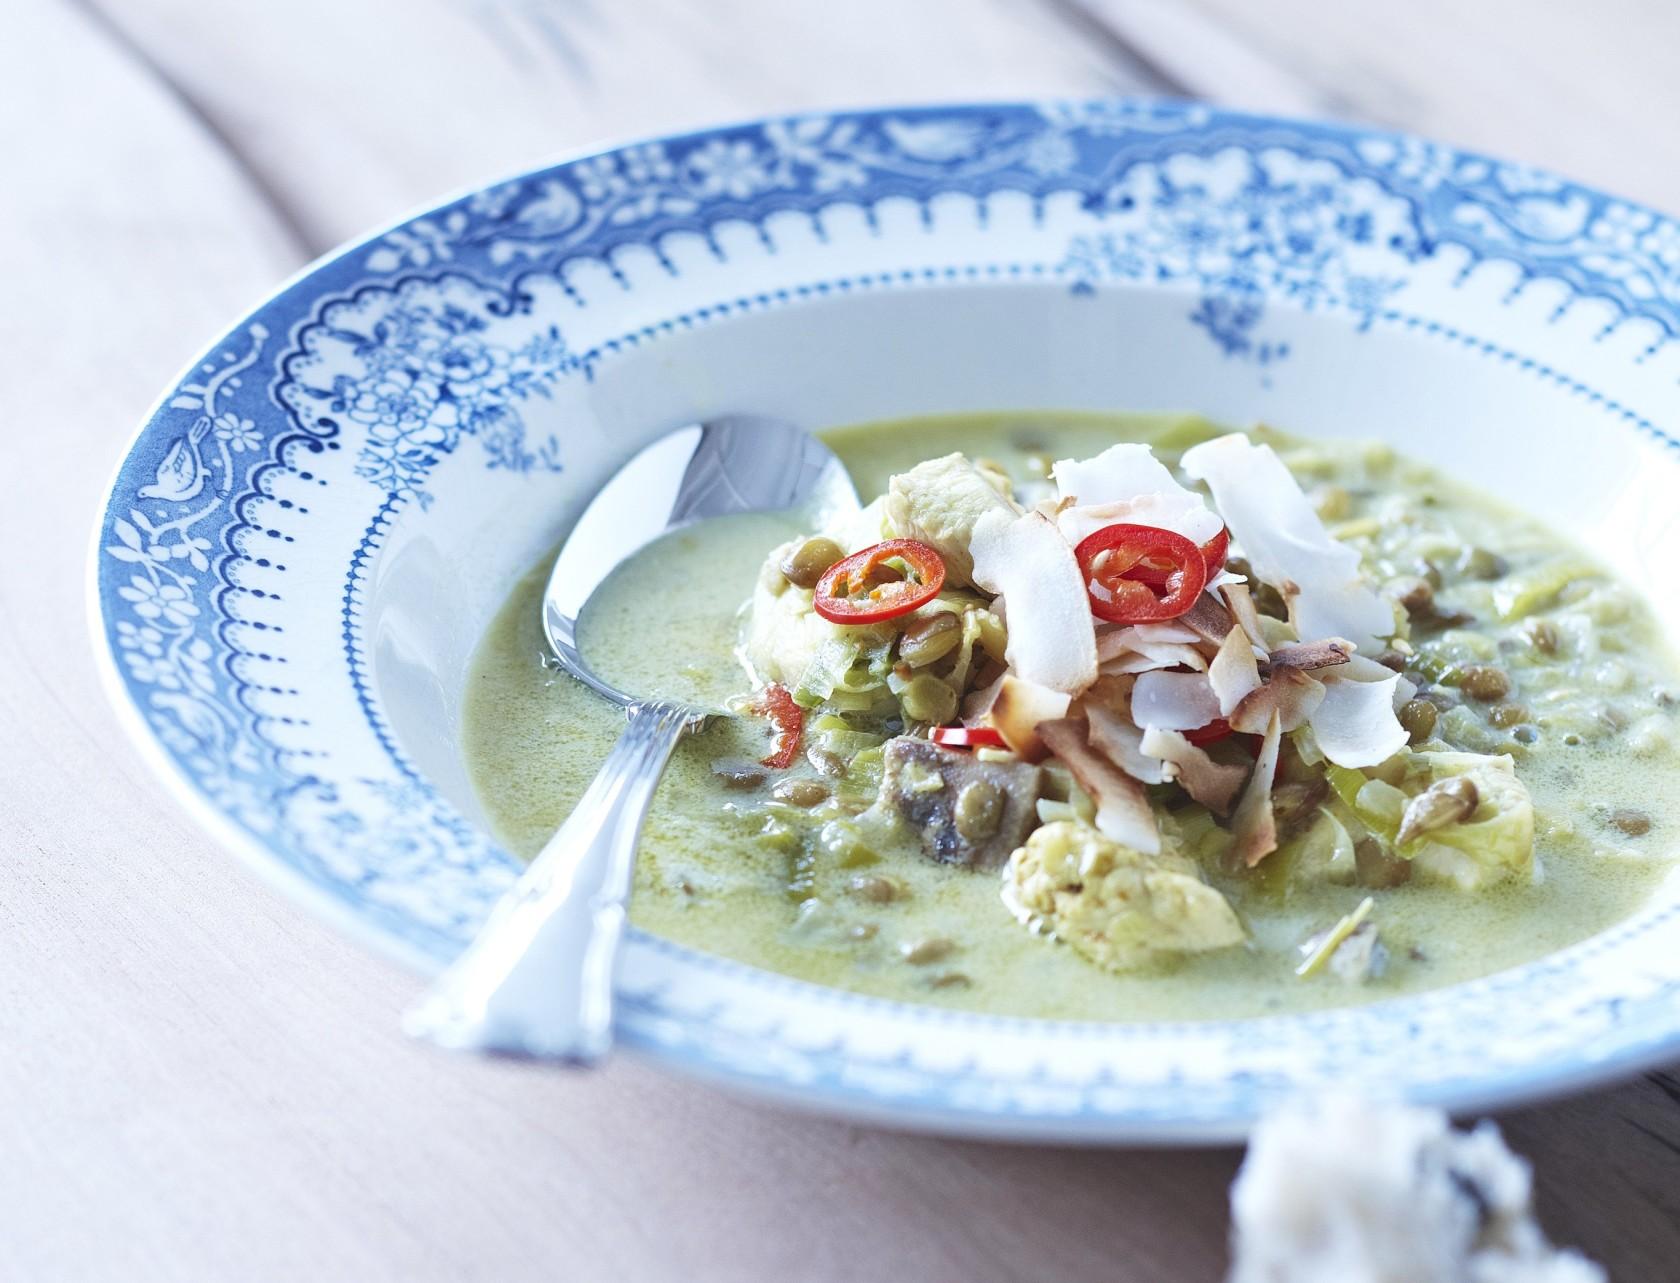 Kyllingesuppe med linser, karry og chili